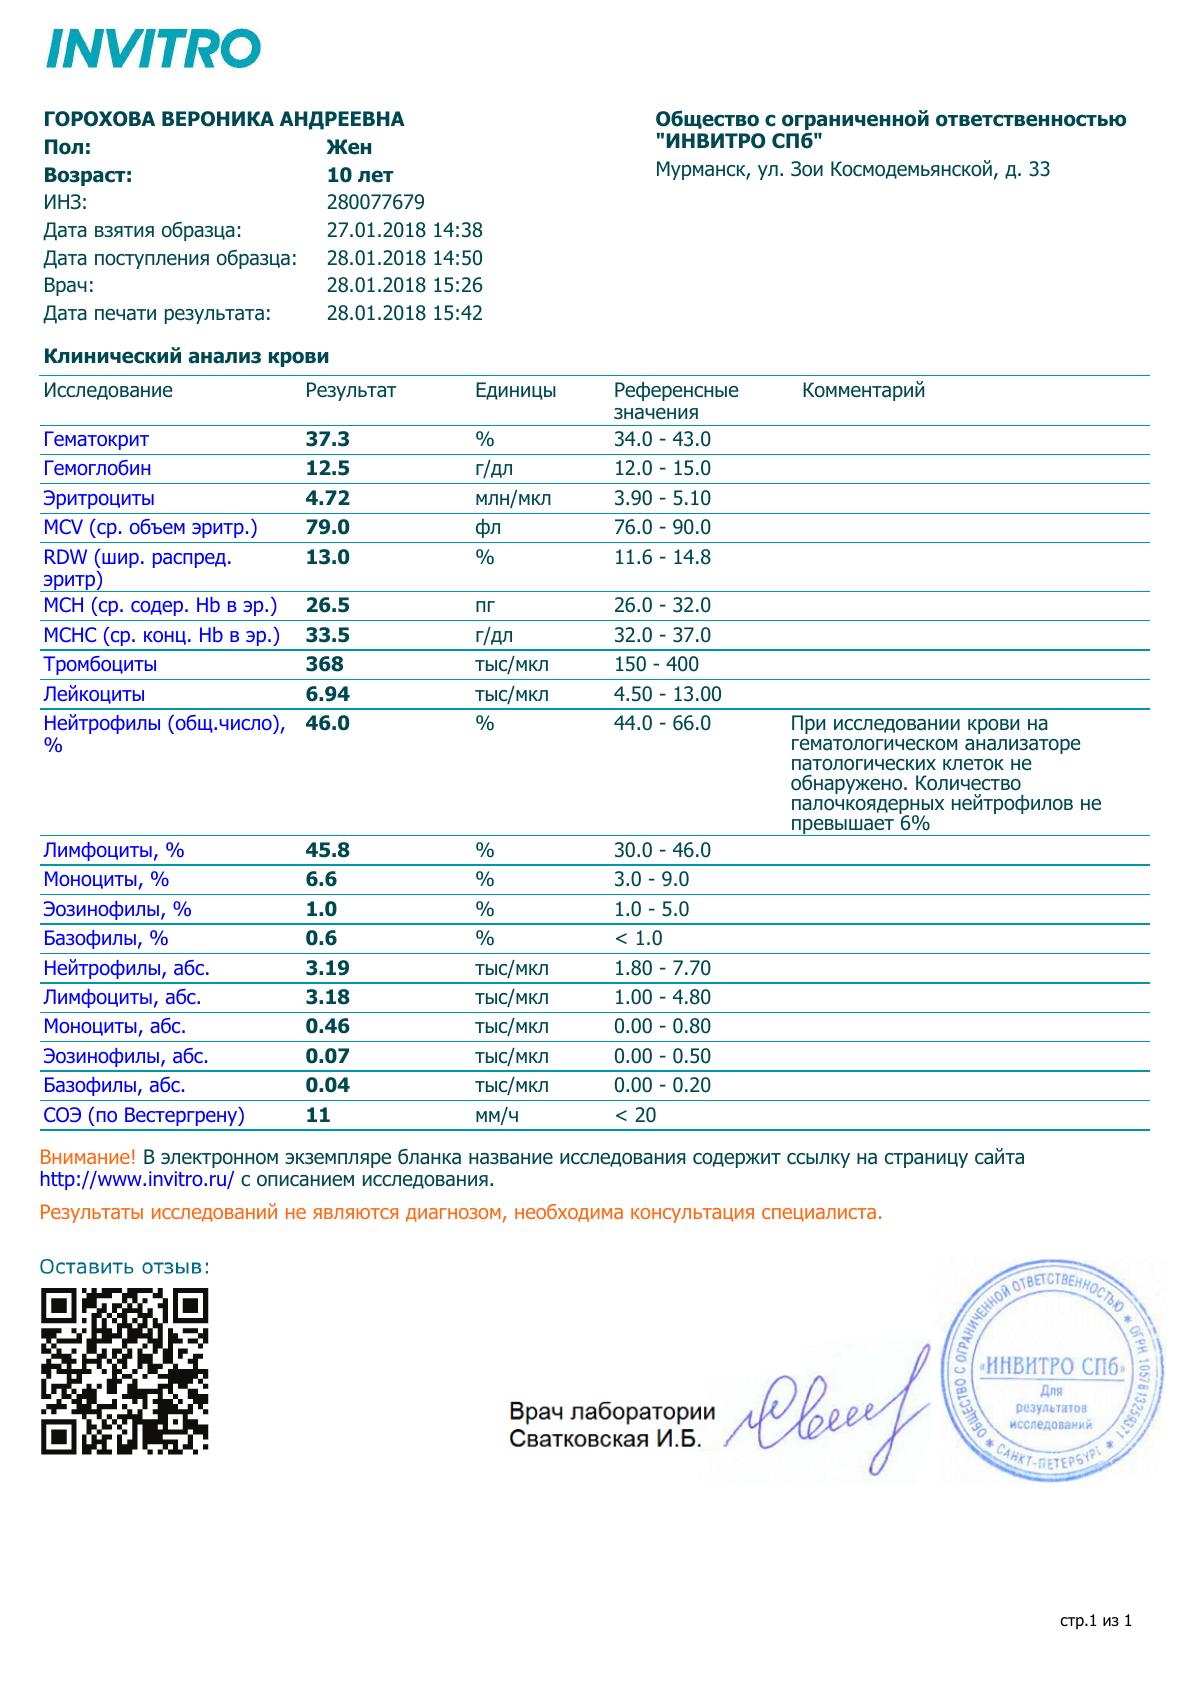 Инвитро стоимость новосибирске в общего анализа в крови анализ подольск крови 1 поликлиника